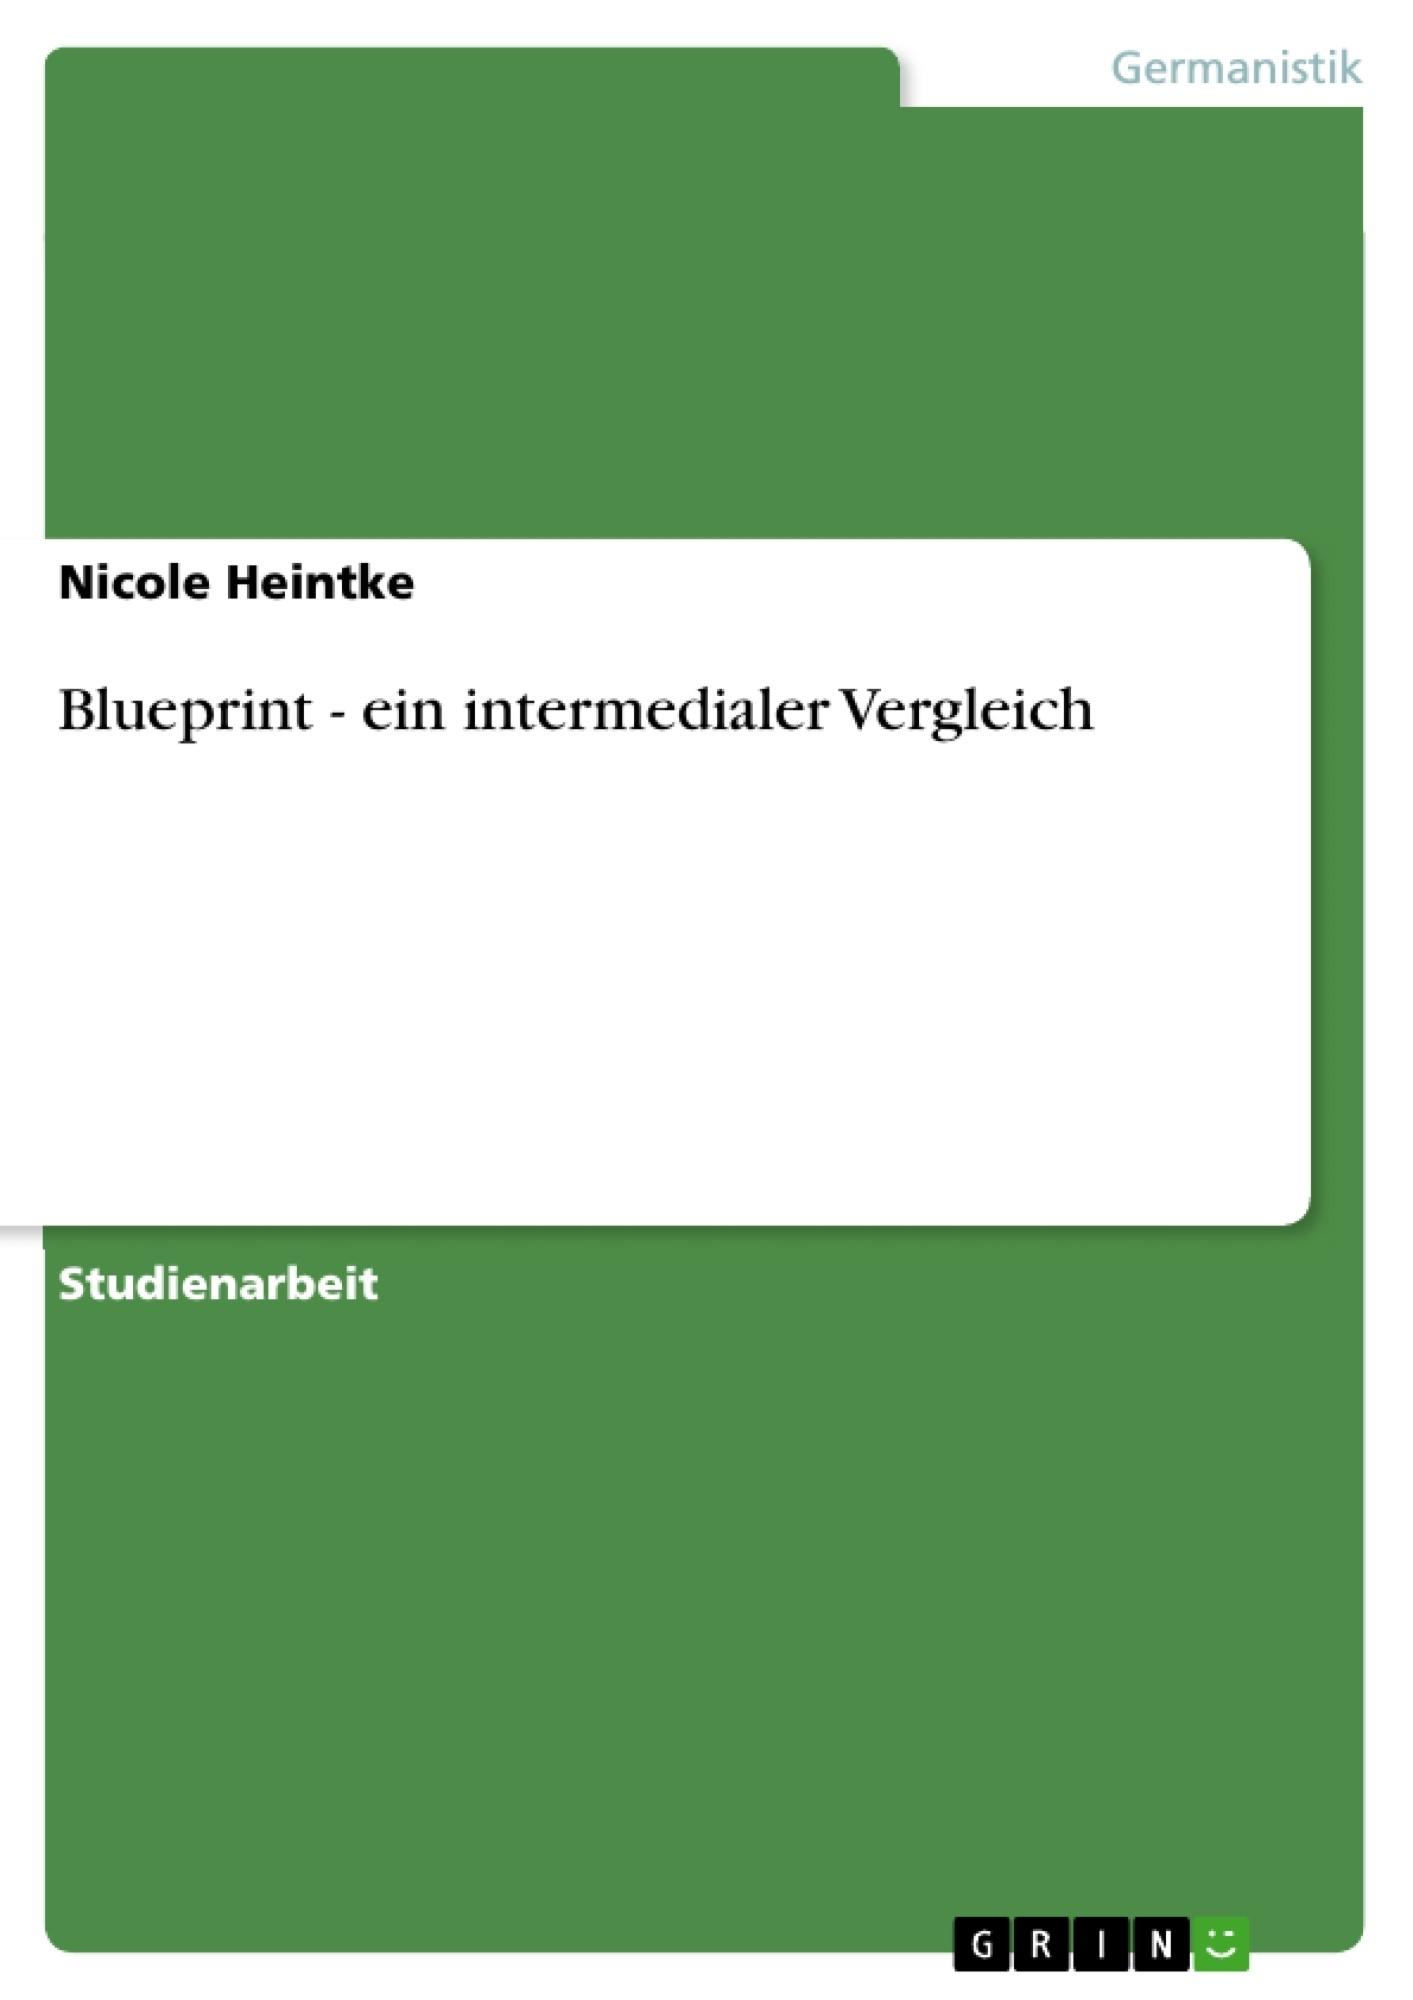 Blueprint - ein intermedialer Vergleich | Masterarbeit, Hausarbeit ...